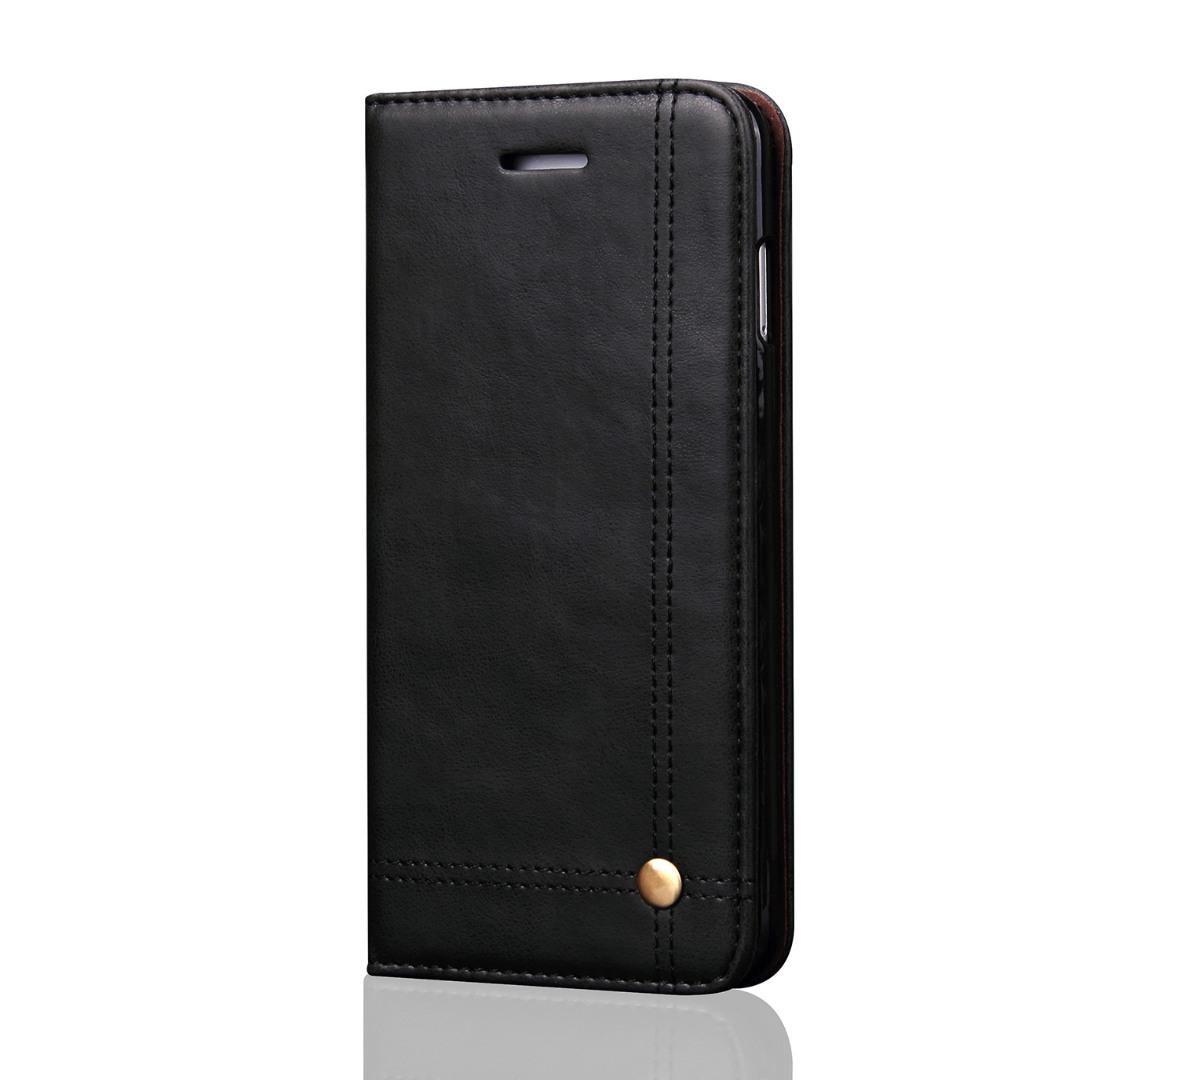 Husa piele, tip portofel, cusaturi ornamentale, stand, inchidere magnetica, iPhone X / XS - CaseMe, Negru